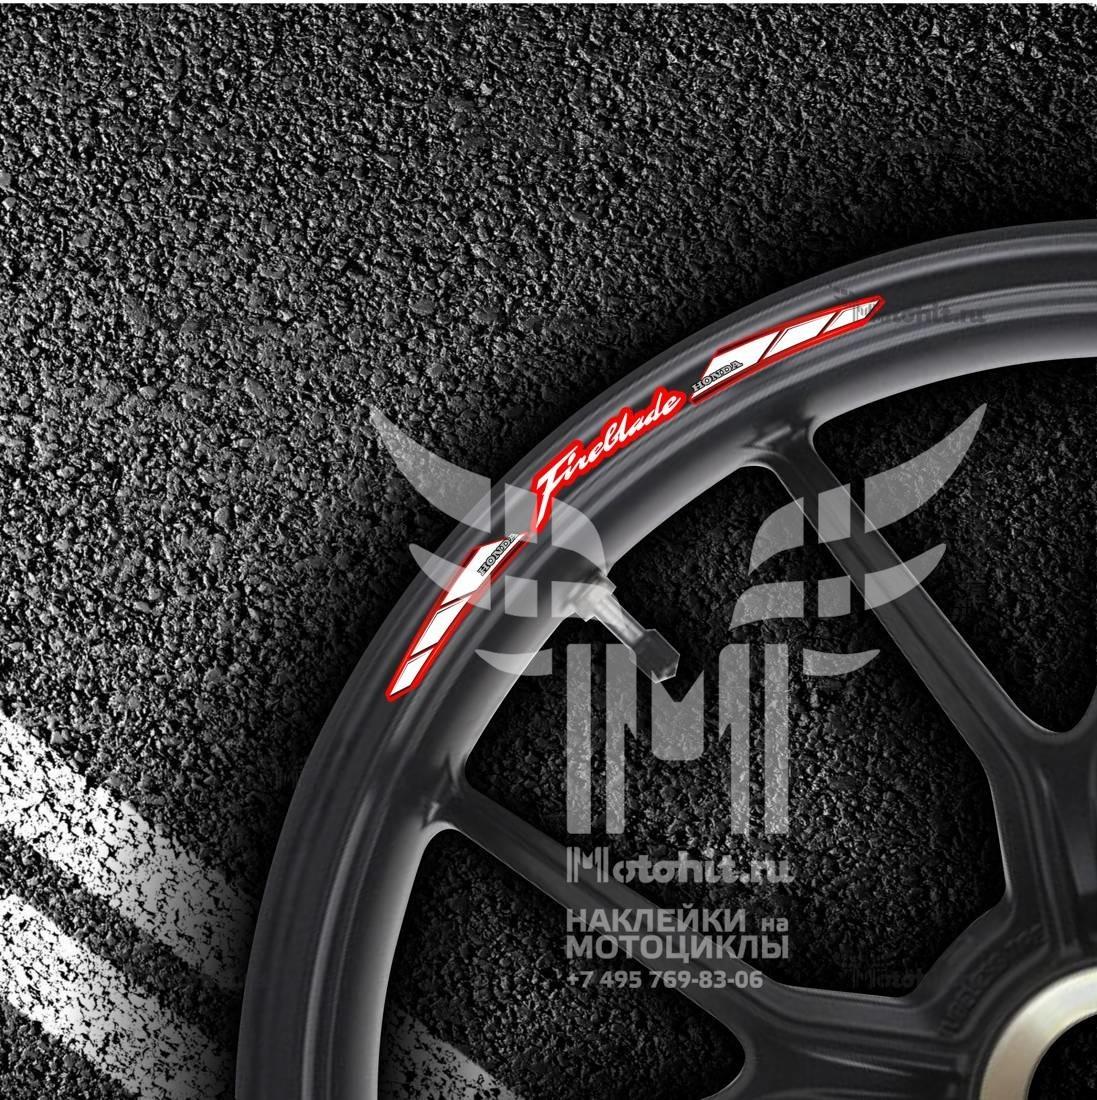 Комплект наклеек на обод колеса мотоцикла HONDA FIREBLADE